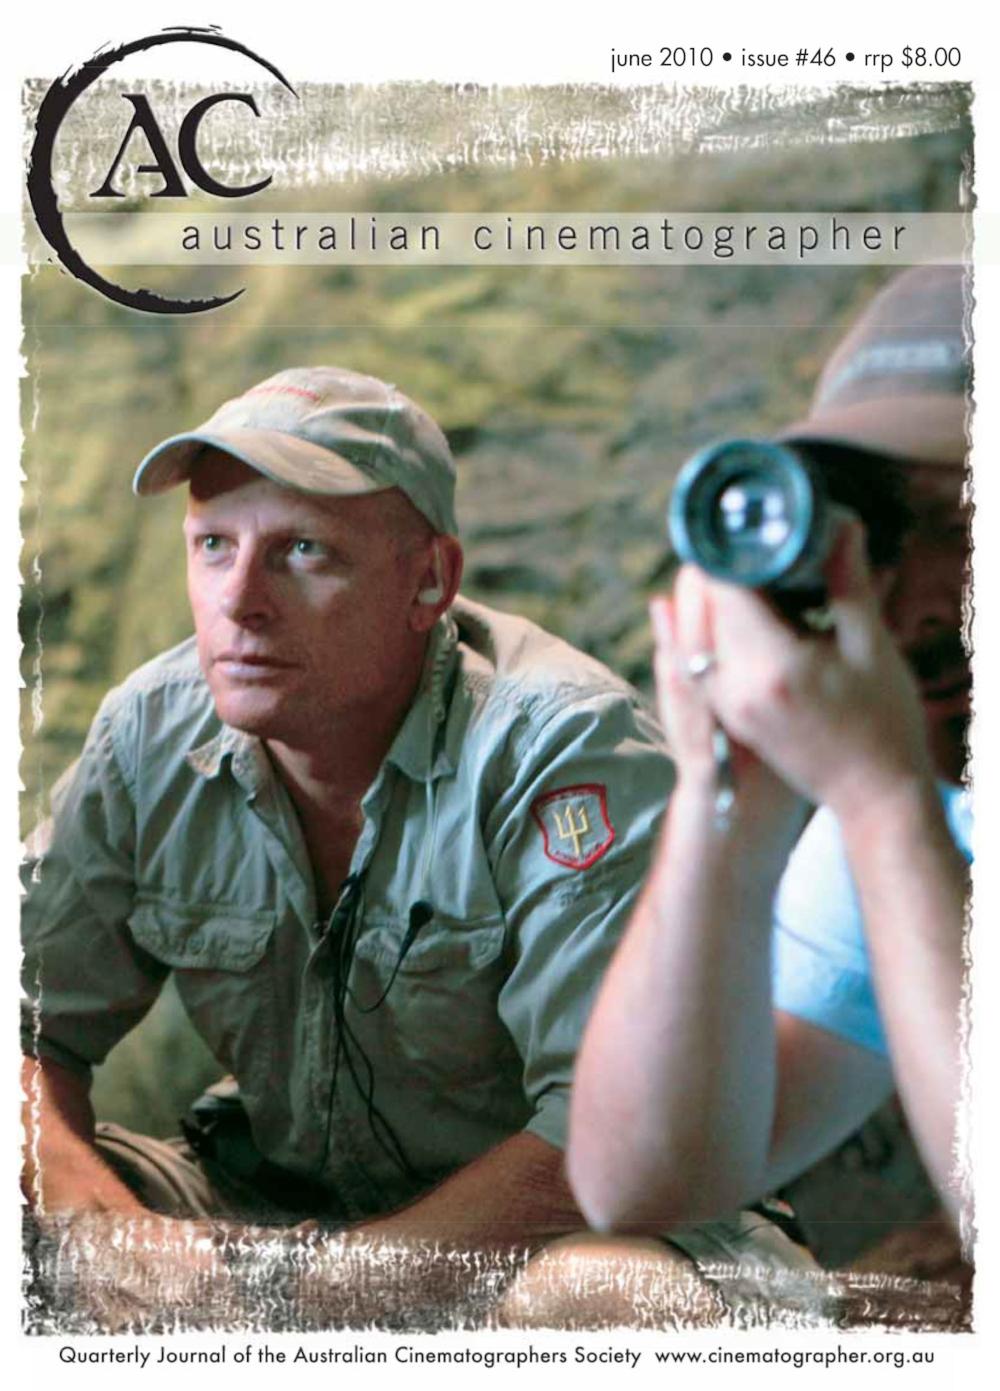 Sanctum – Australian Cinematographer